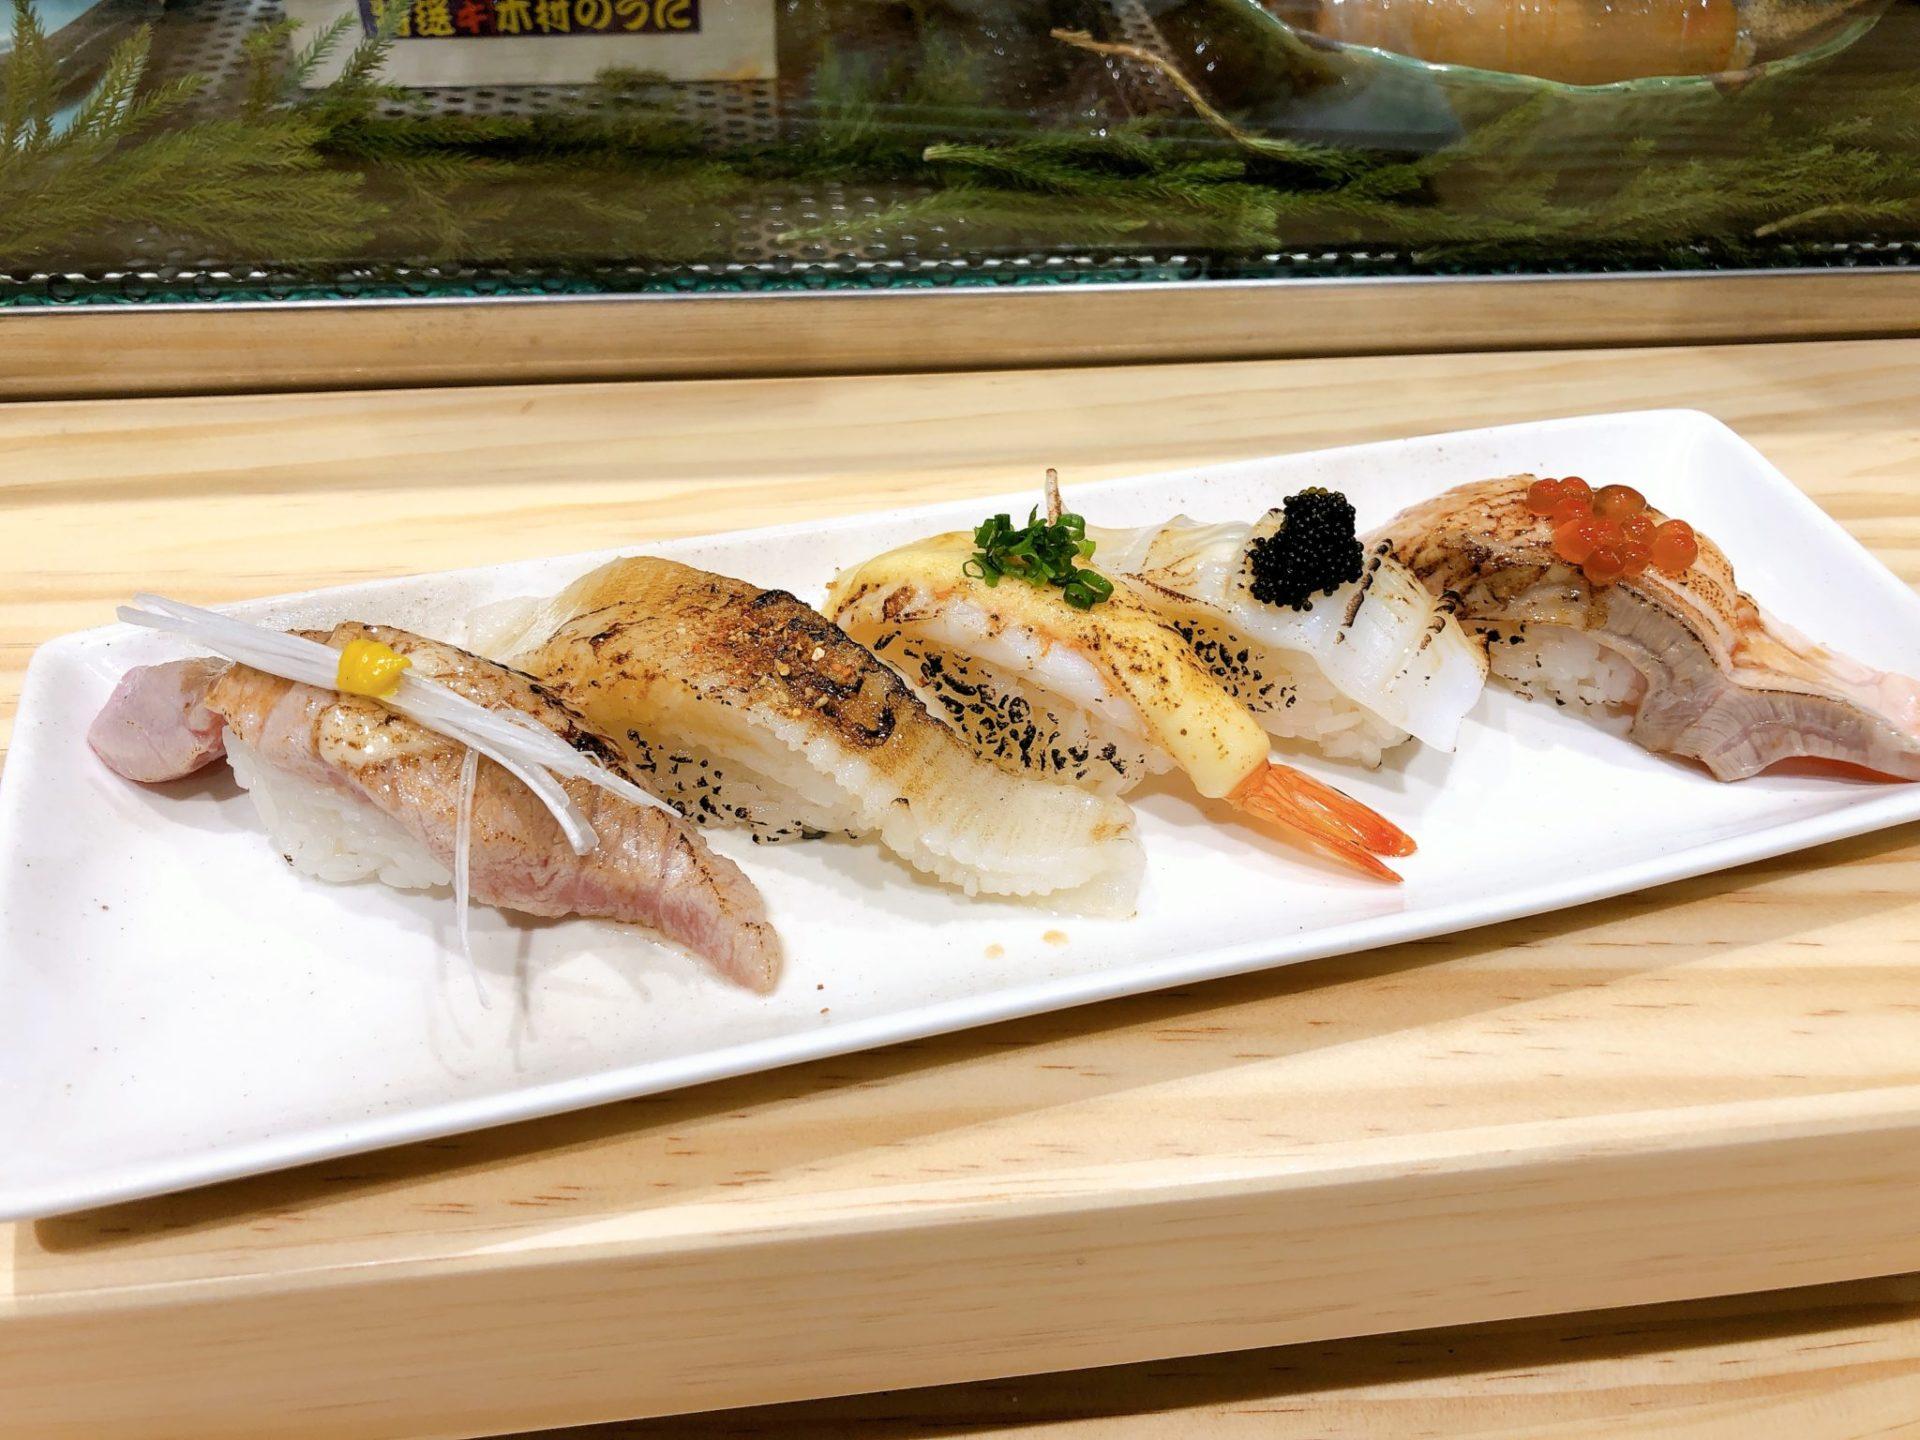 梅ヶ丘の美登利寿司の炙り物づくし